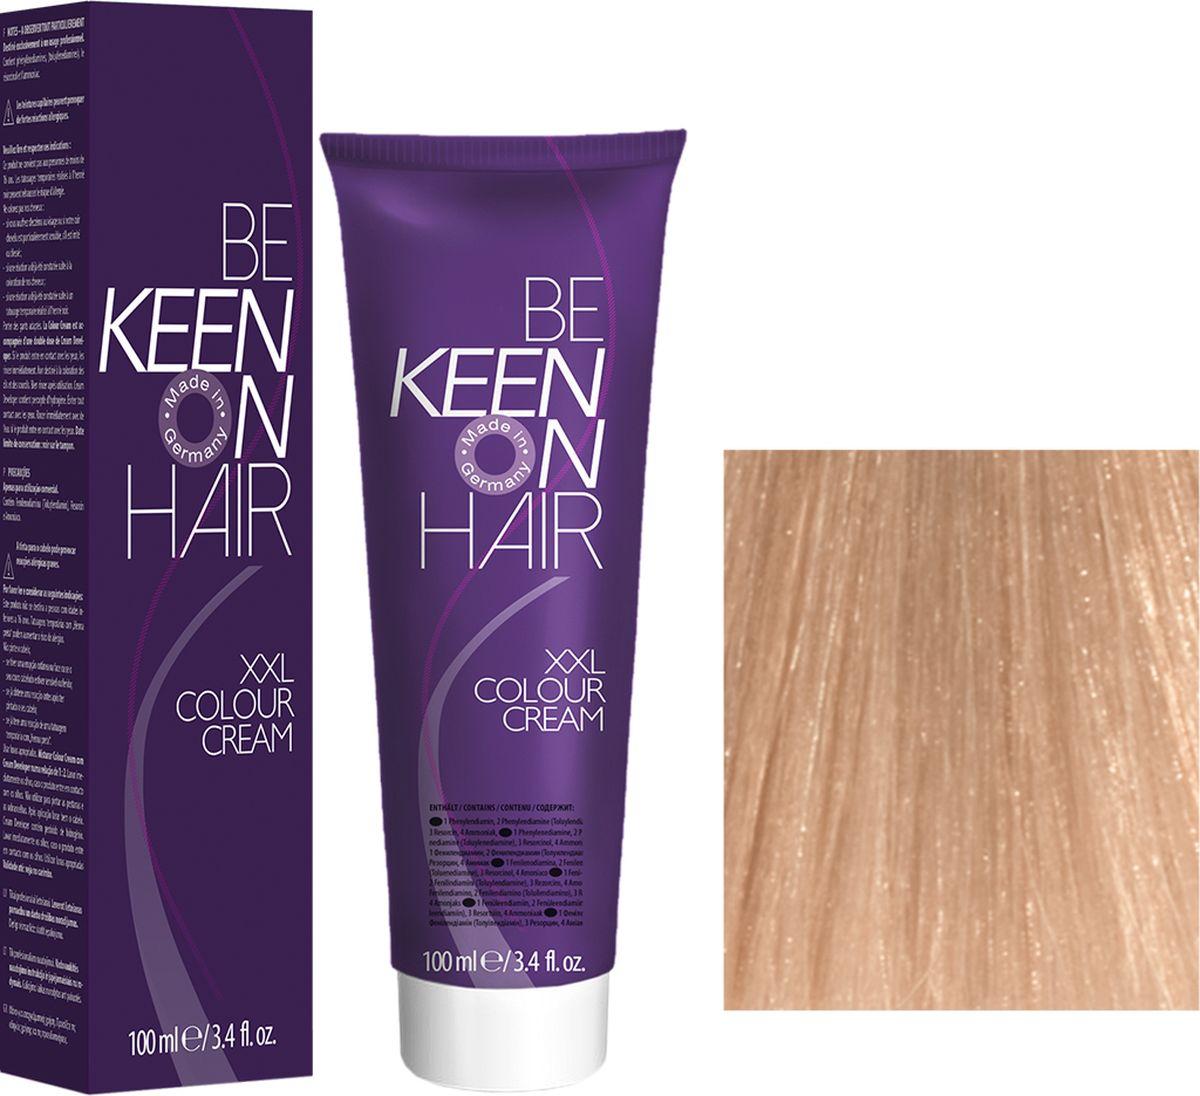 Keen Краска для волос 12.70 Платиново-коричневый блондин Platinblond Braun, 100 мл69100110Модные оттенкиБолее 100 оттенков для креативной комбинации цветов.ЭкономичностьПри использовании тюбика 100 мл вы получаете оптимальное соотношение цены и качества!УходМолочный белок поддерживает структуру волоса во время окрашивания и придает волосам блеск и шелковистость. Протеины хорошо встраиваются в волосы и снабжают их влагой.